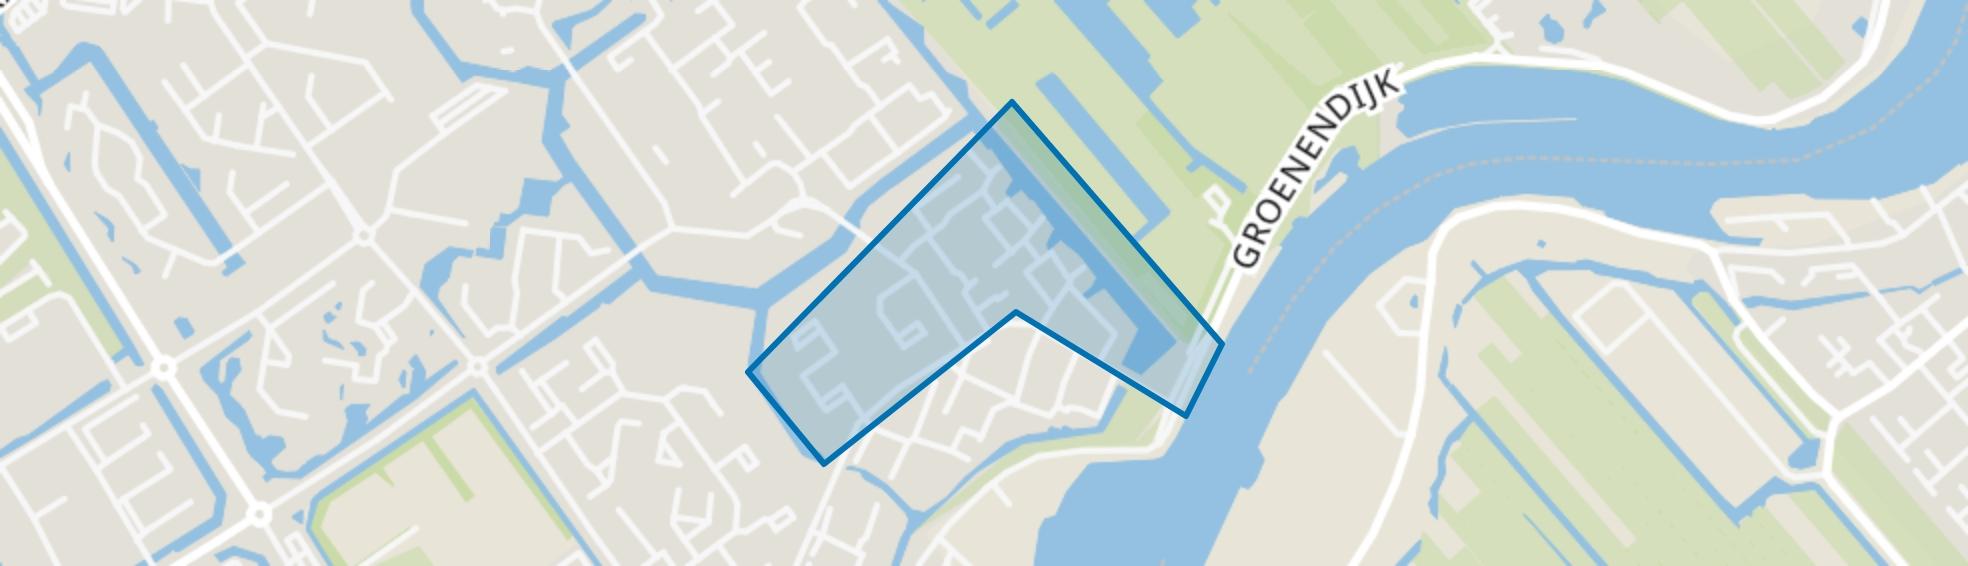 Waardenbuurt, Capelle aan den IJssel map